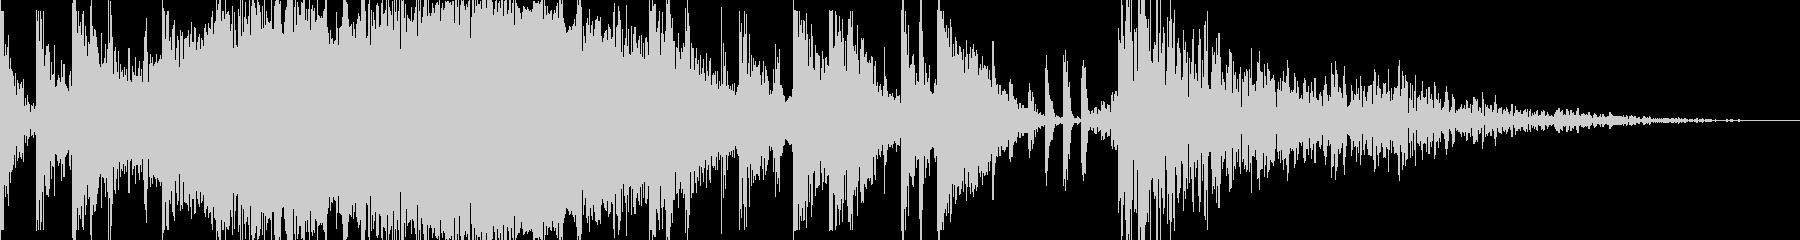 レトロなベースシンセとエフェクトパ...の未再生の波形